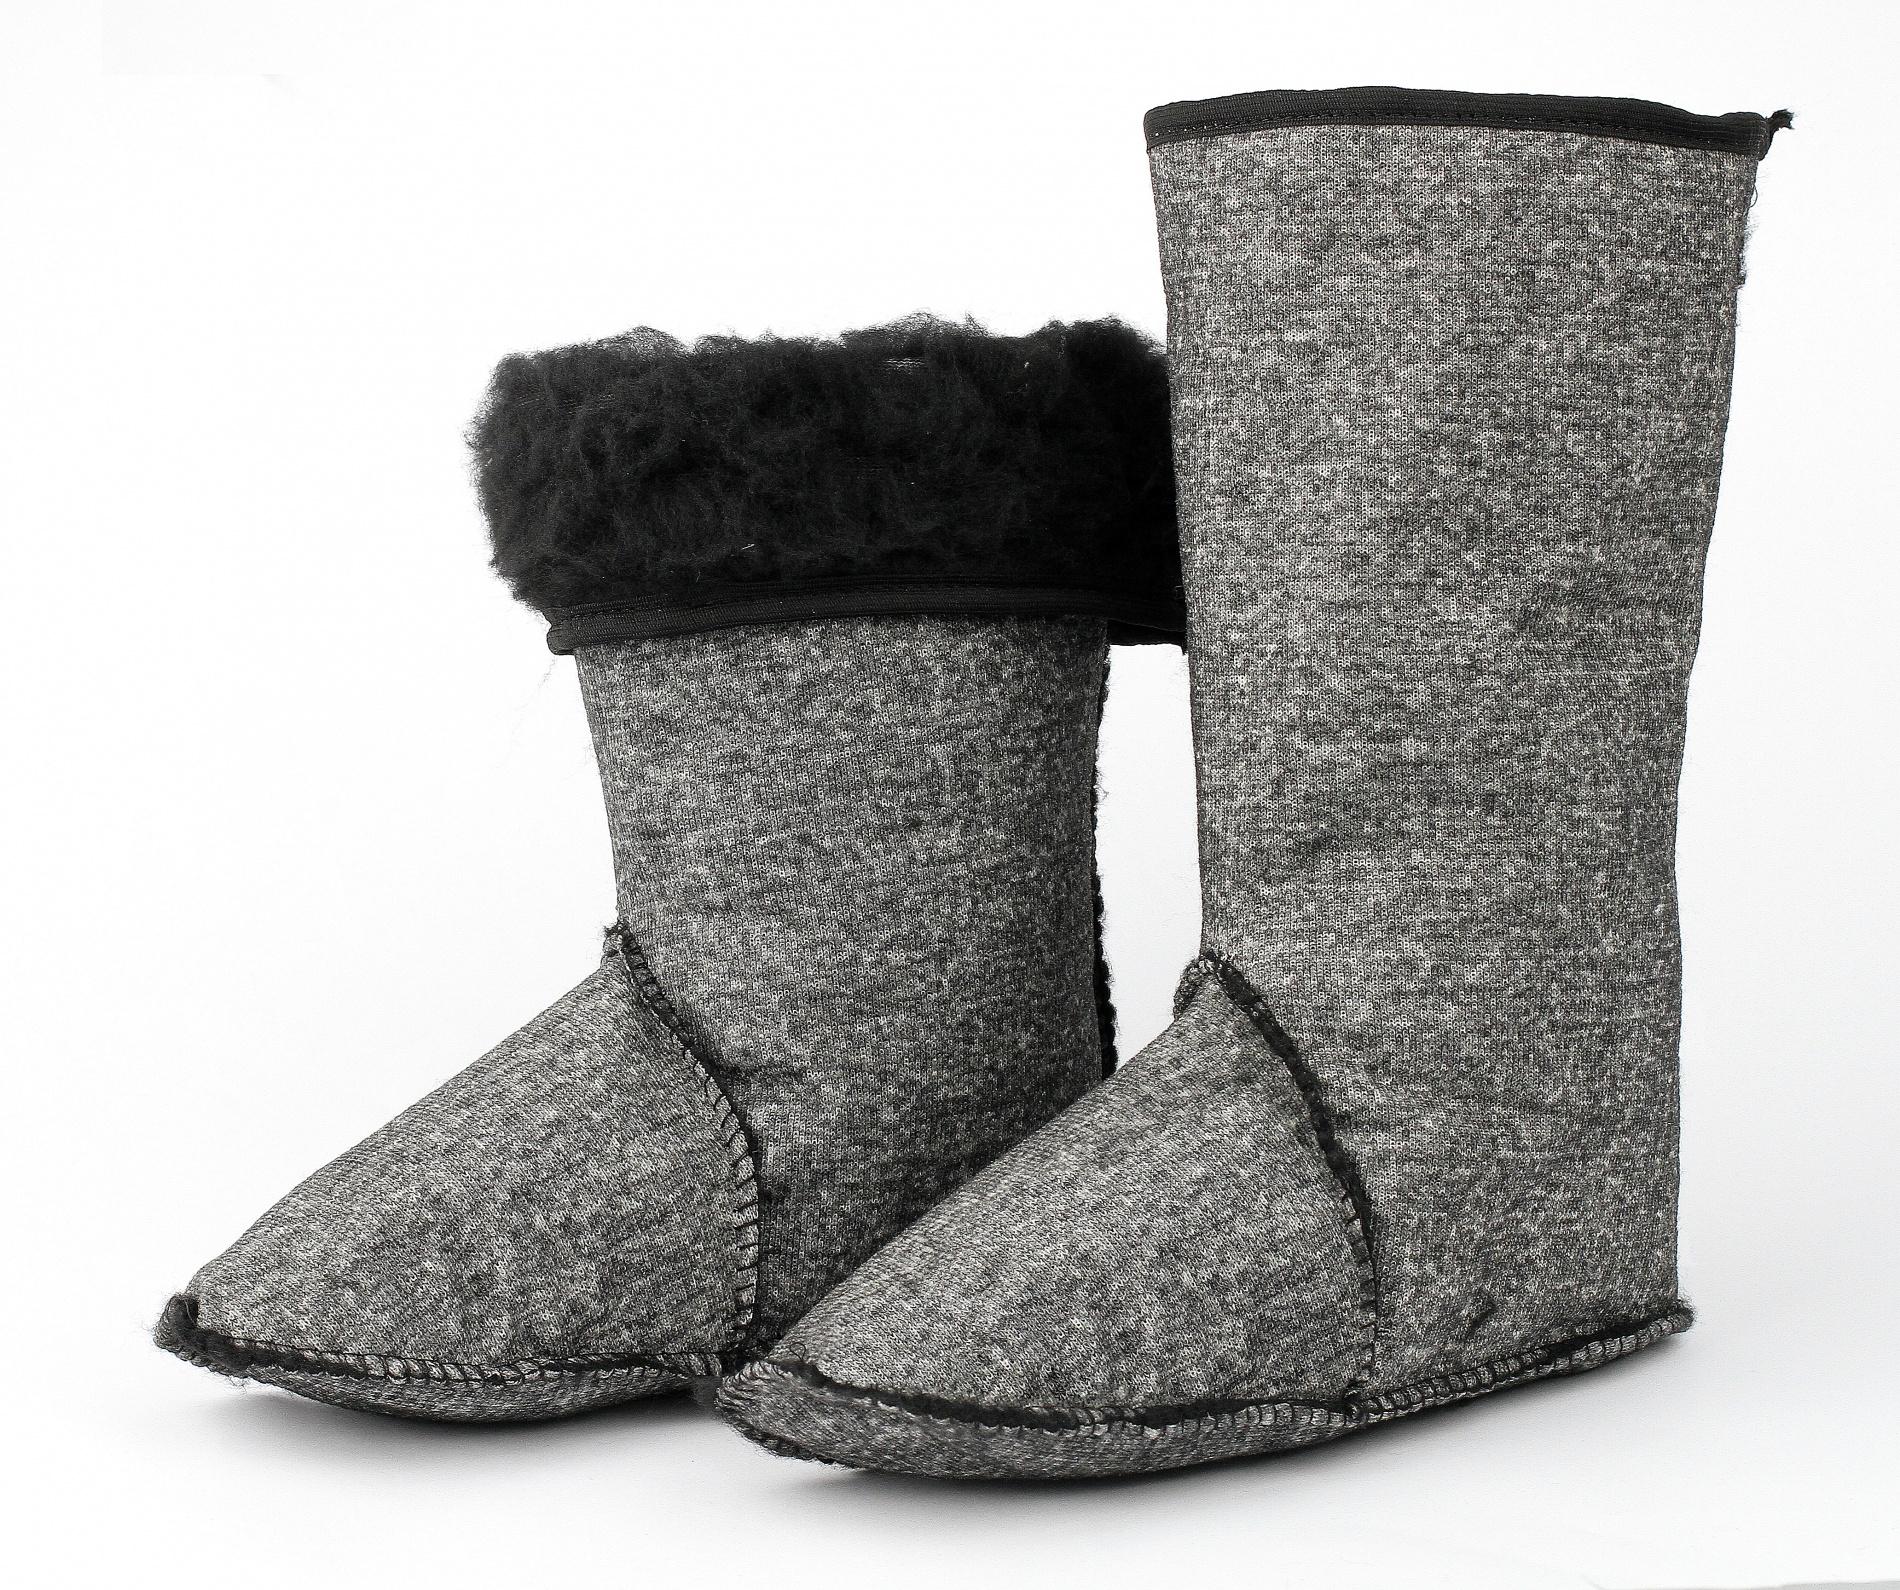 Чулки утепляющие на искусственном меху Чулки<br>Чулки предназначены для дополнительного <br>утепления обуви.<br><br>Пол: унисекс<br>Размер: 37-38<br>Сезон: зима<br>Материал: мех искусственный270 г/м2